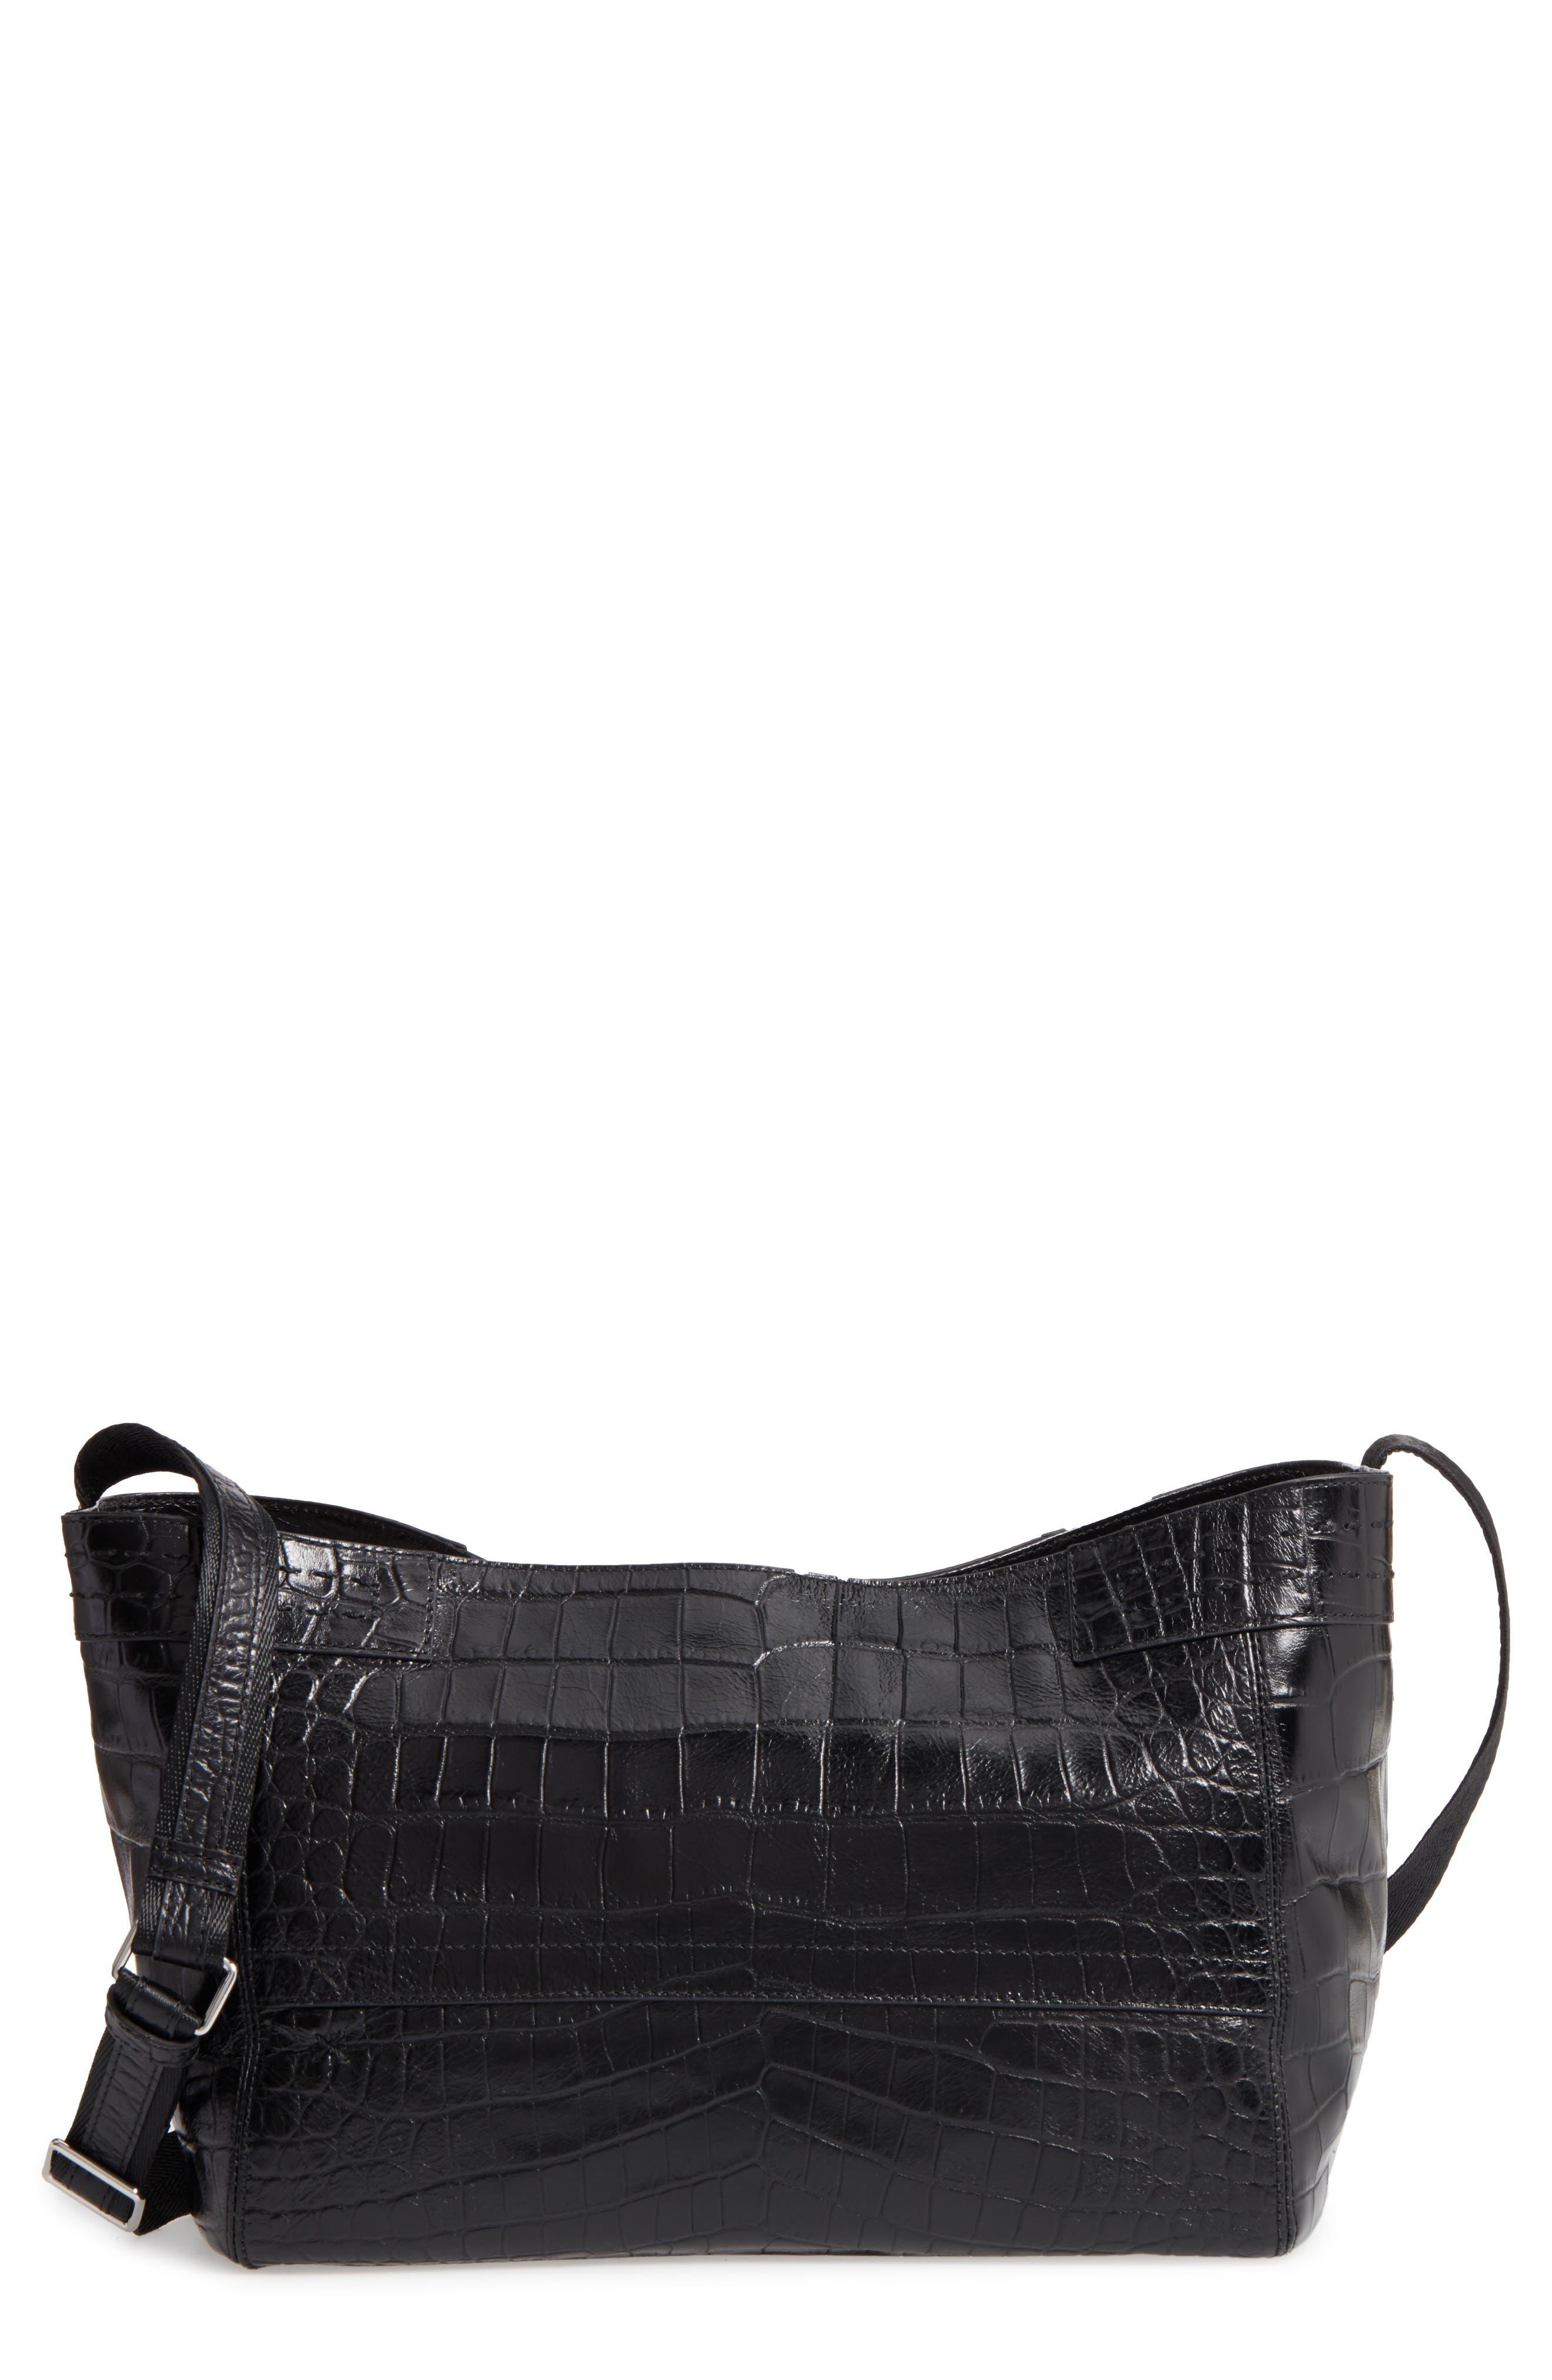 ELIZABETH AND JAMES Mini Keely Newspaper Croc Embossed Leather Shoulder/Crossbody Bag